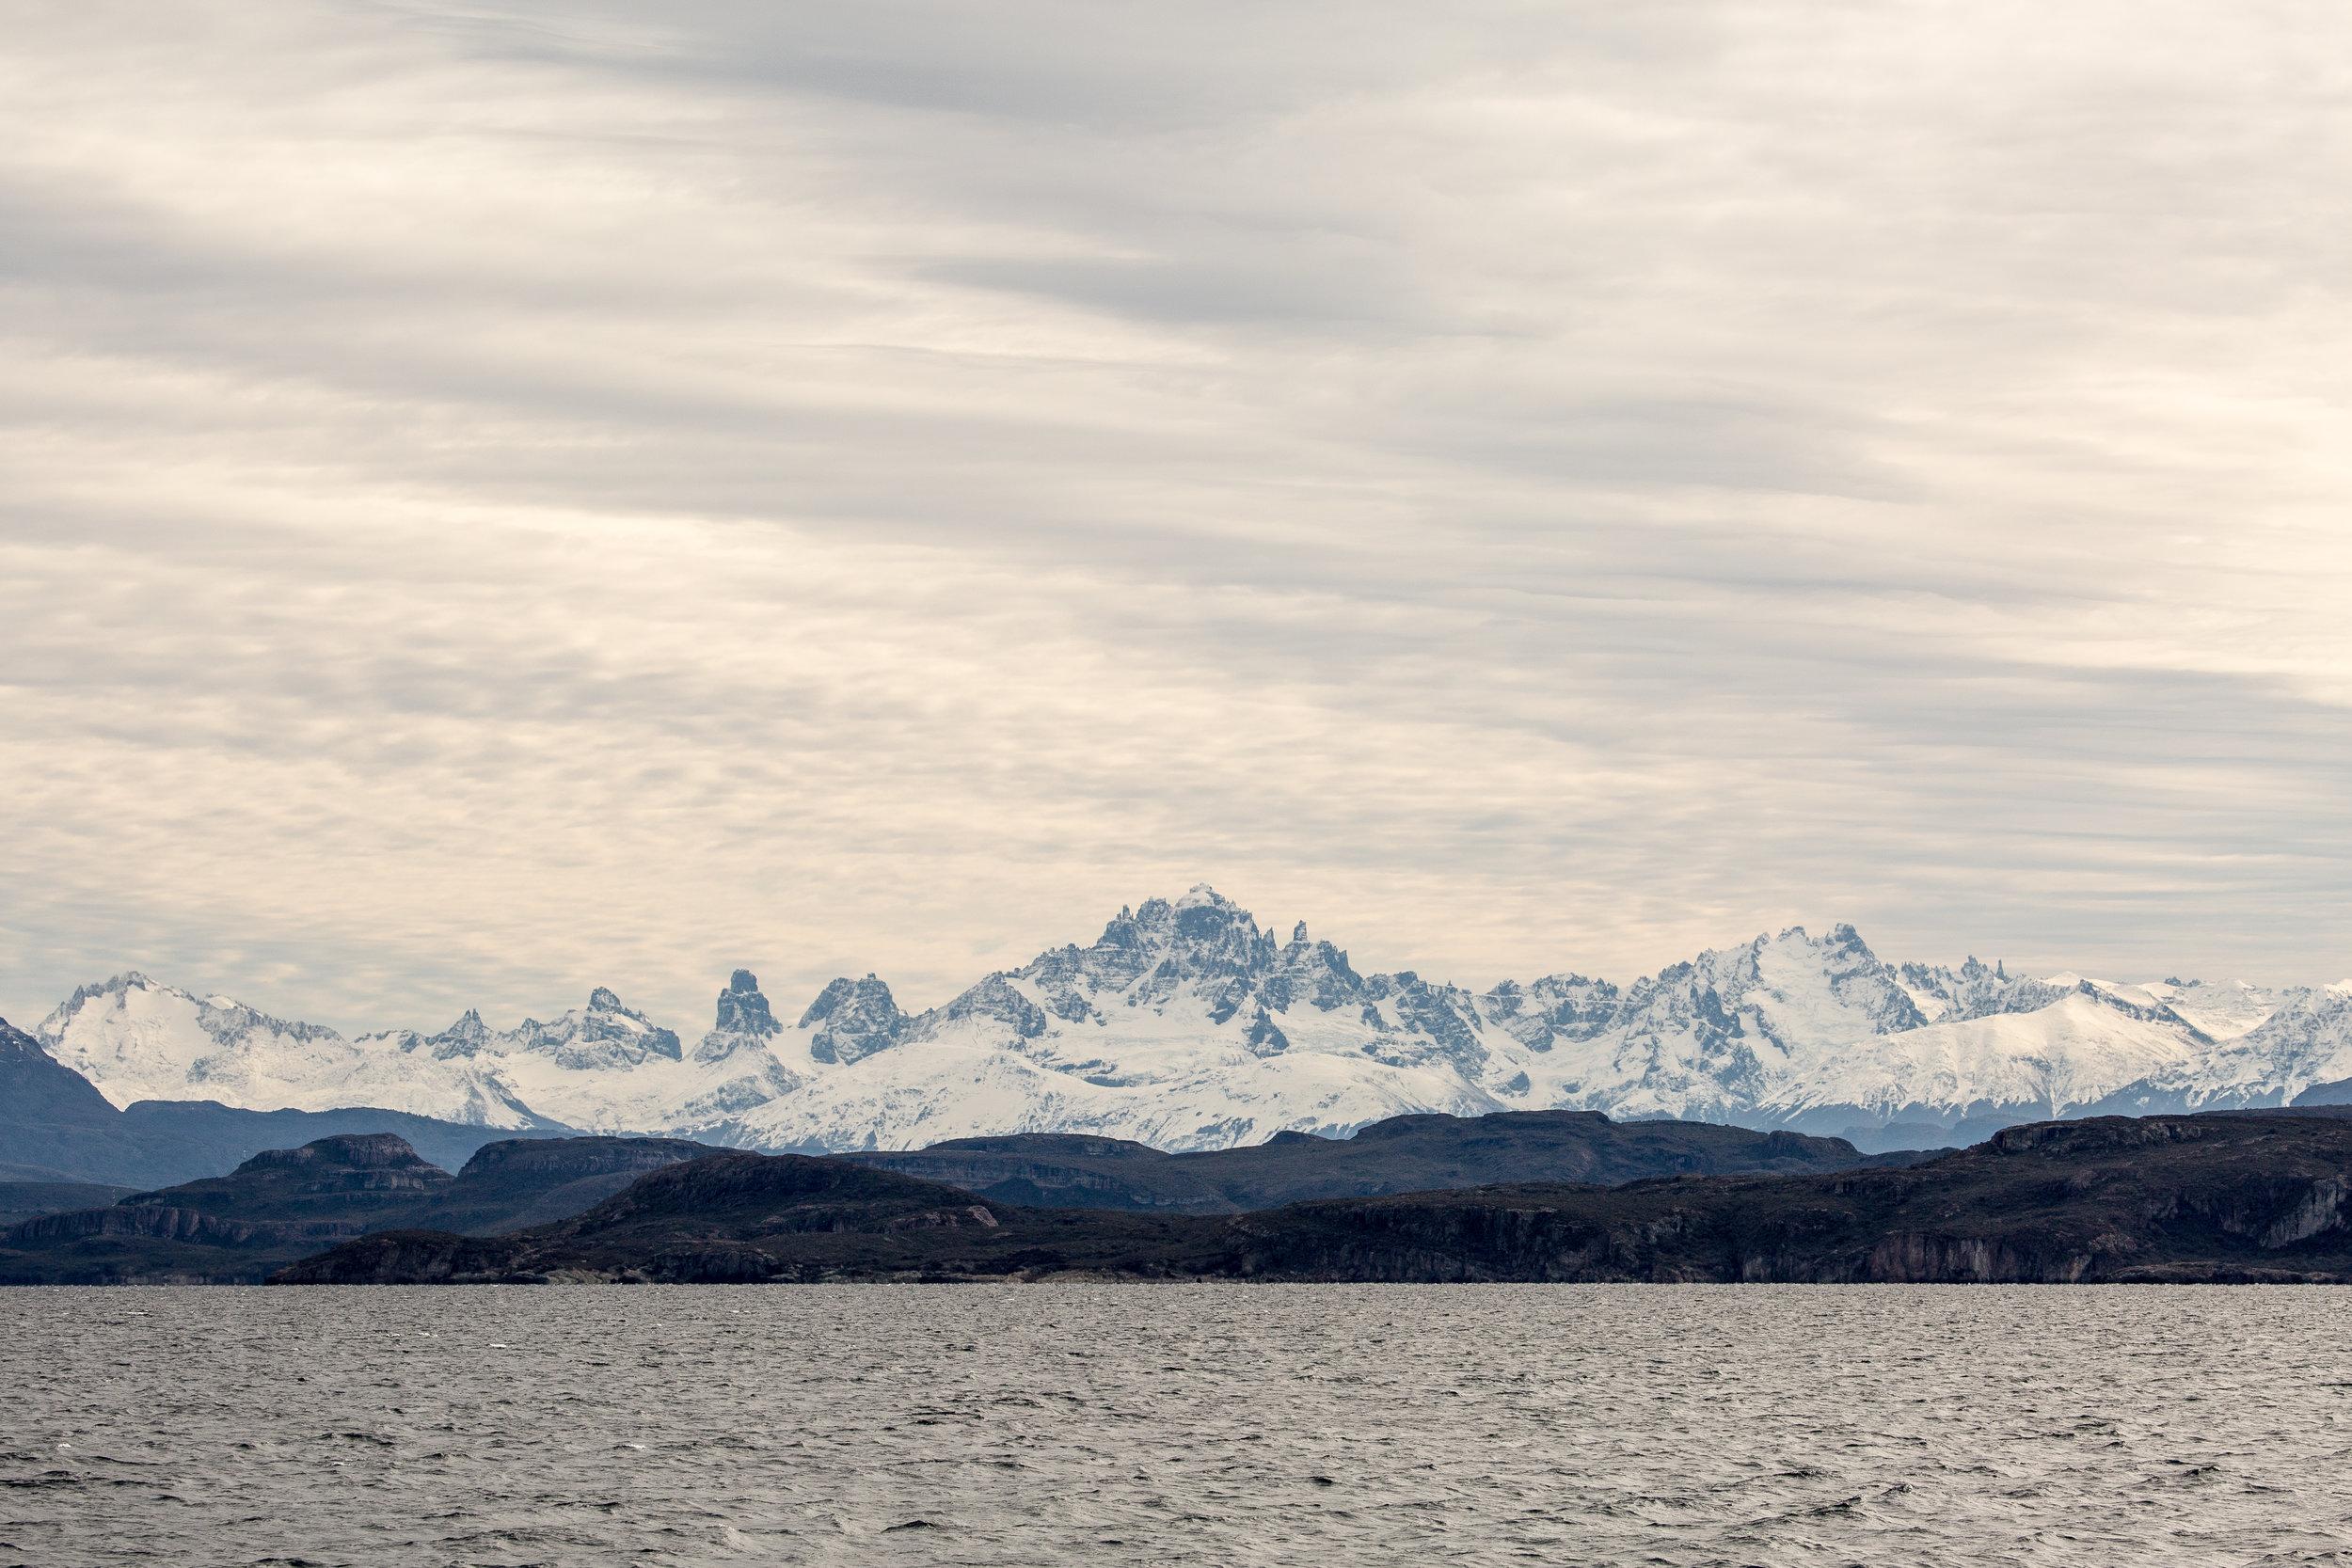 CERO CASTILLO NATIONAL PARK - A view of Cerro Castillo from lake General Carrera